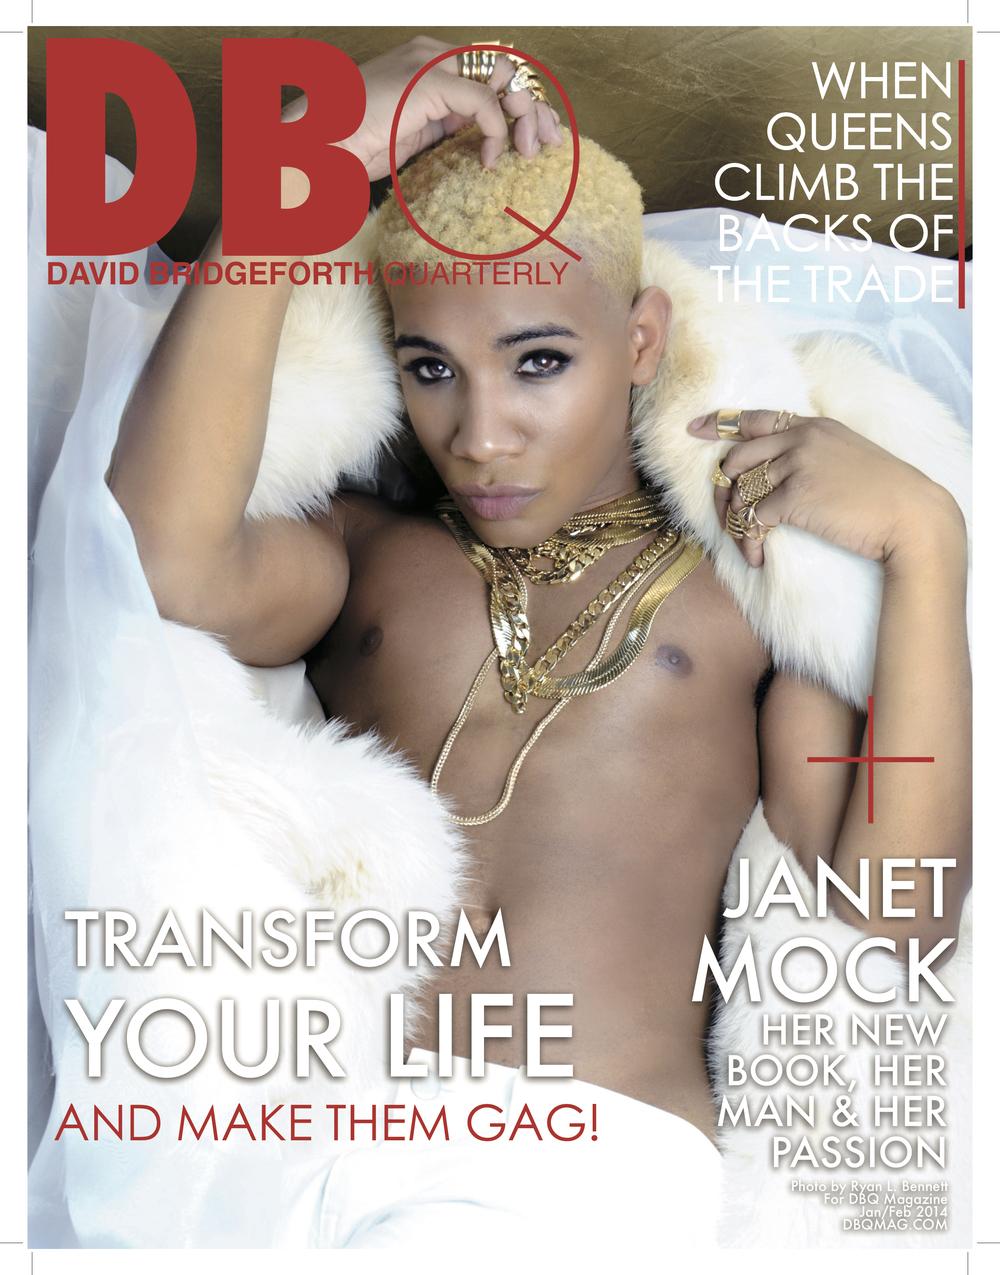 JAN-FEB 2014 Proof 100902 DBQ Magazine.jpg